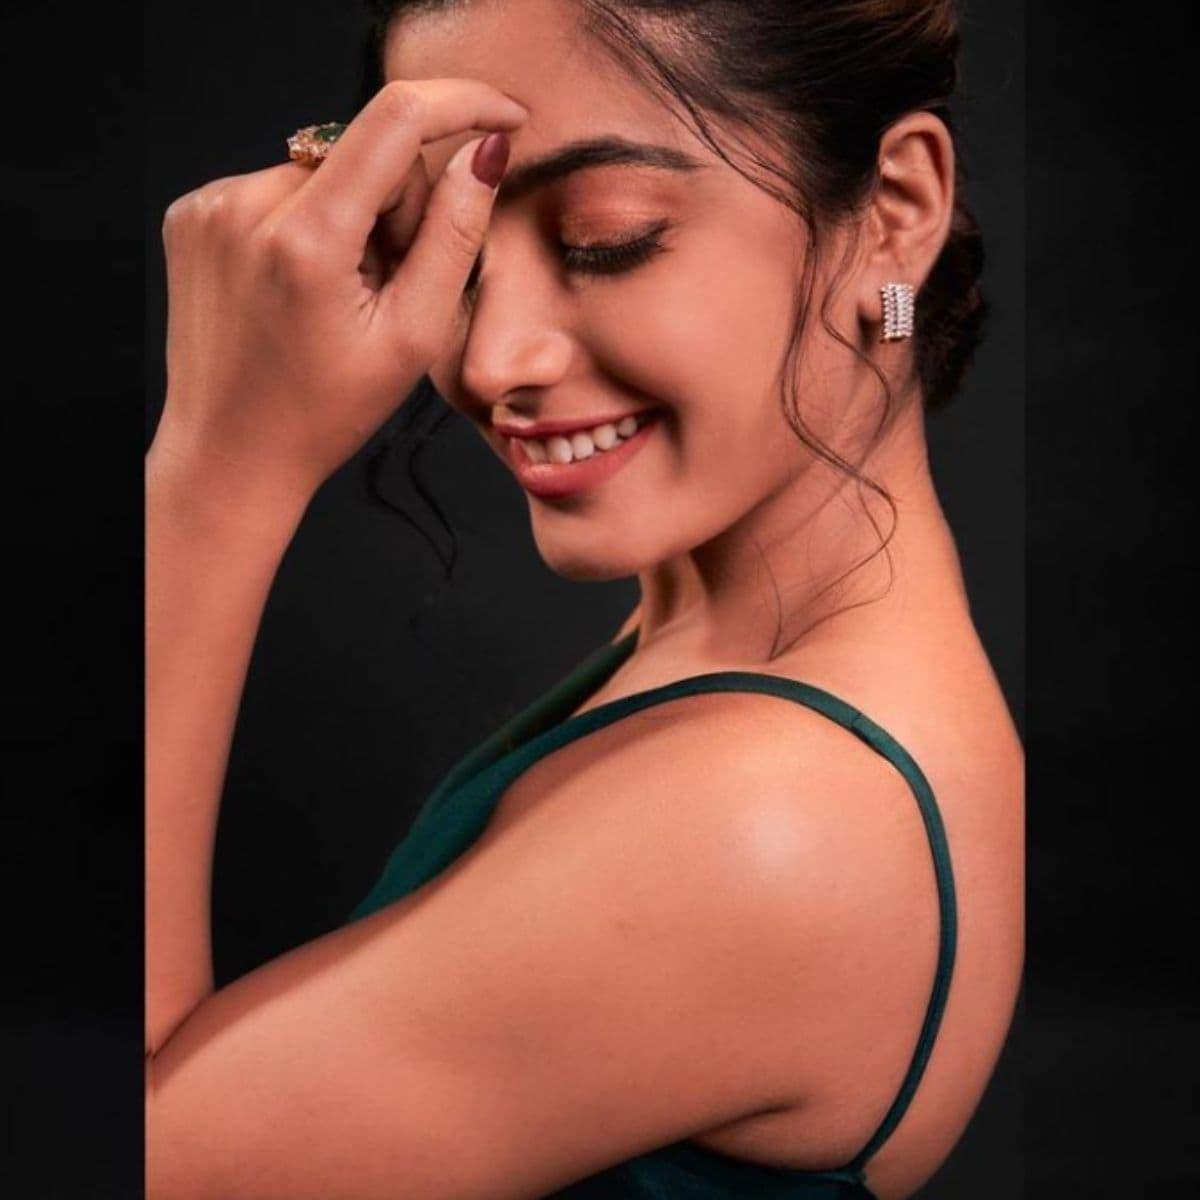 रश्मिका दक्षिण भारतातील लोकप्रिय अभिनेत्रींपैकी एक आहे. (photo credit: instagram/@rashmika_mandanna)